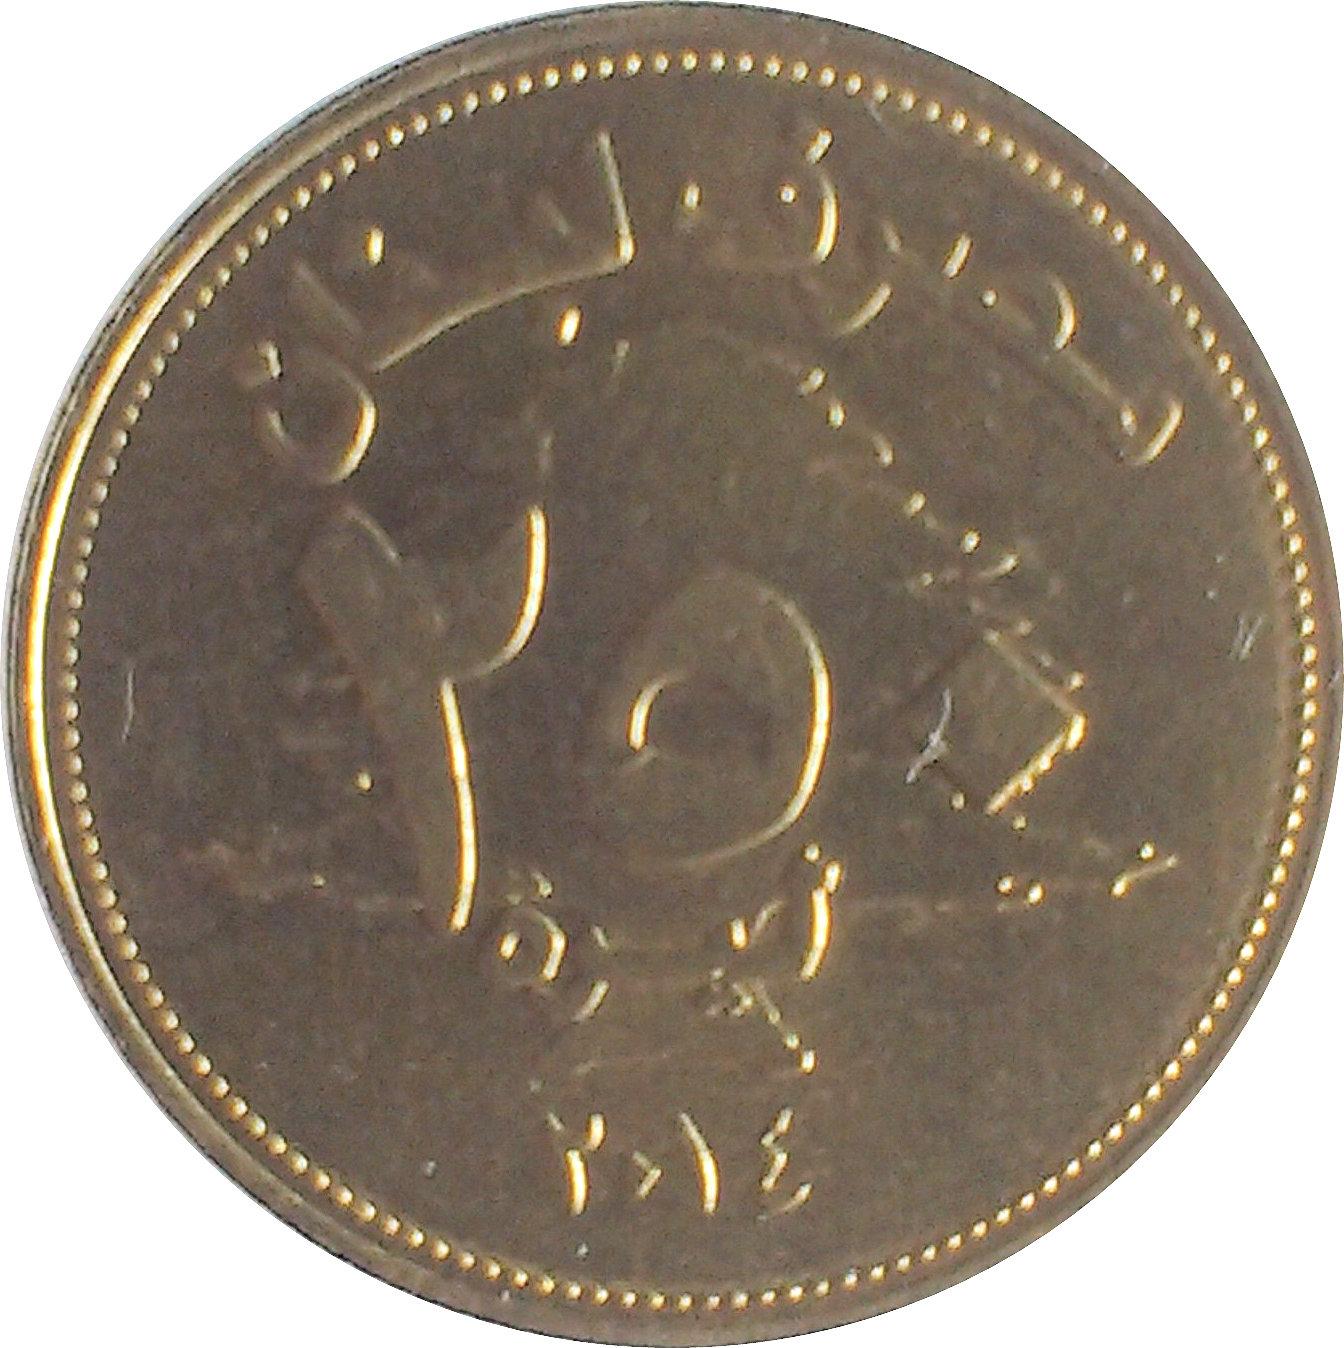 LEBANON LIBAN 250 LIVRES UNC COIN 2012 YEAR CEDAR